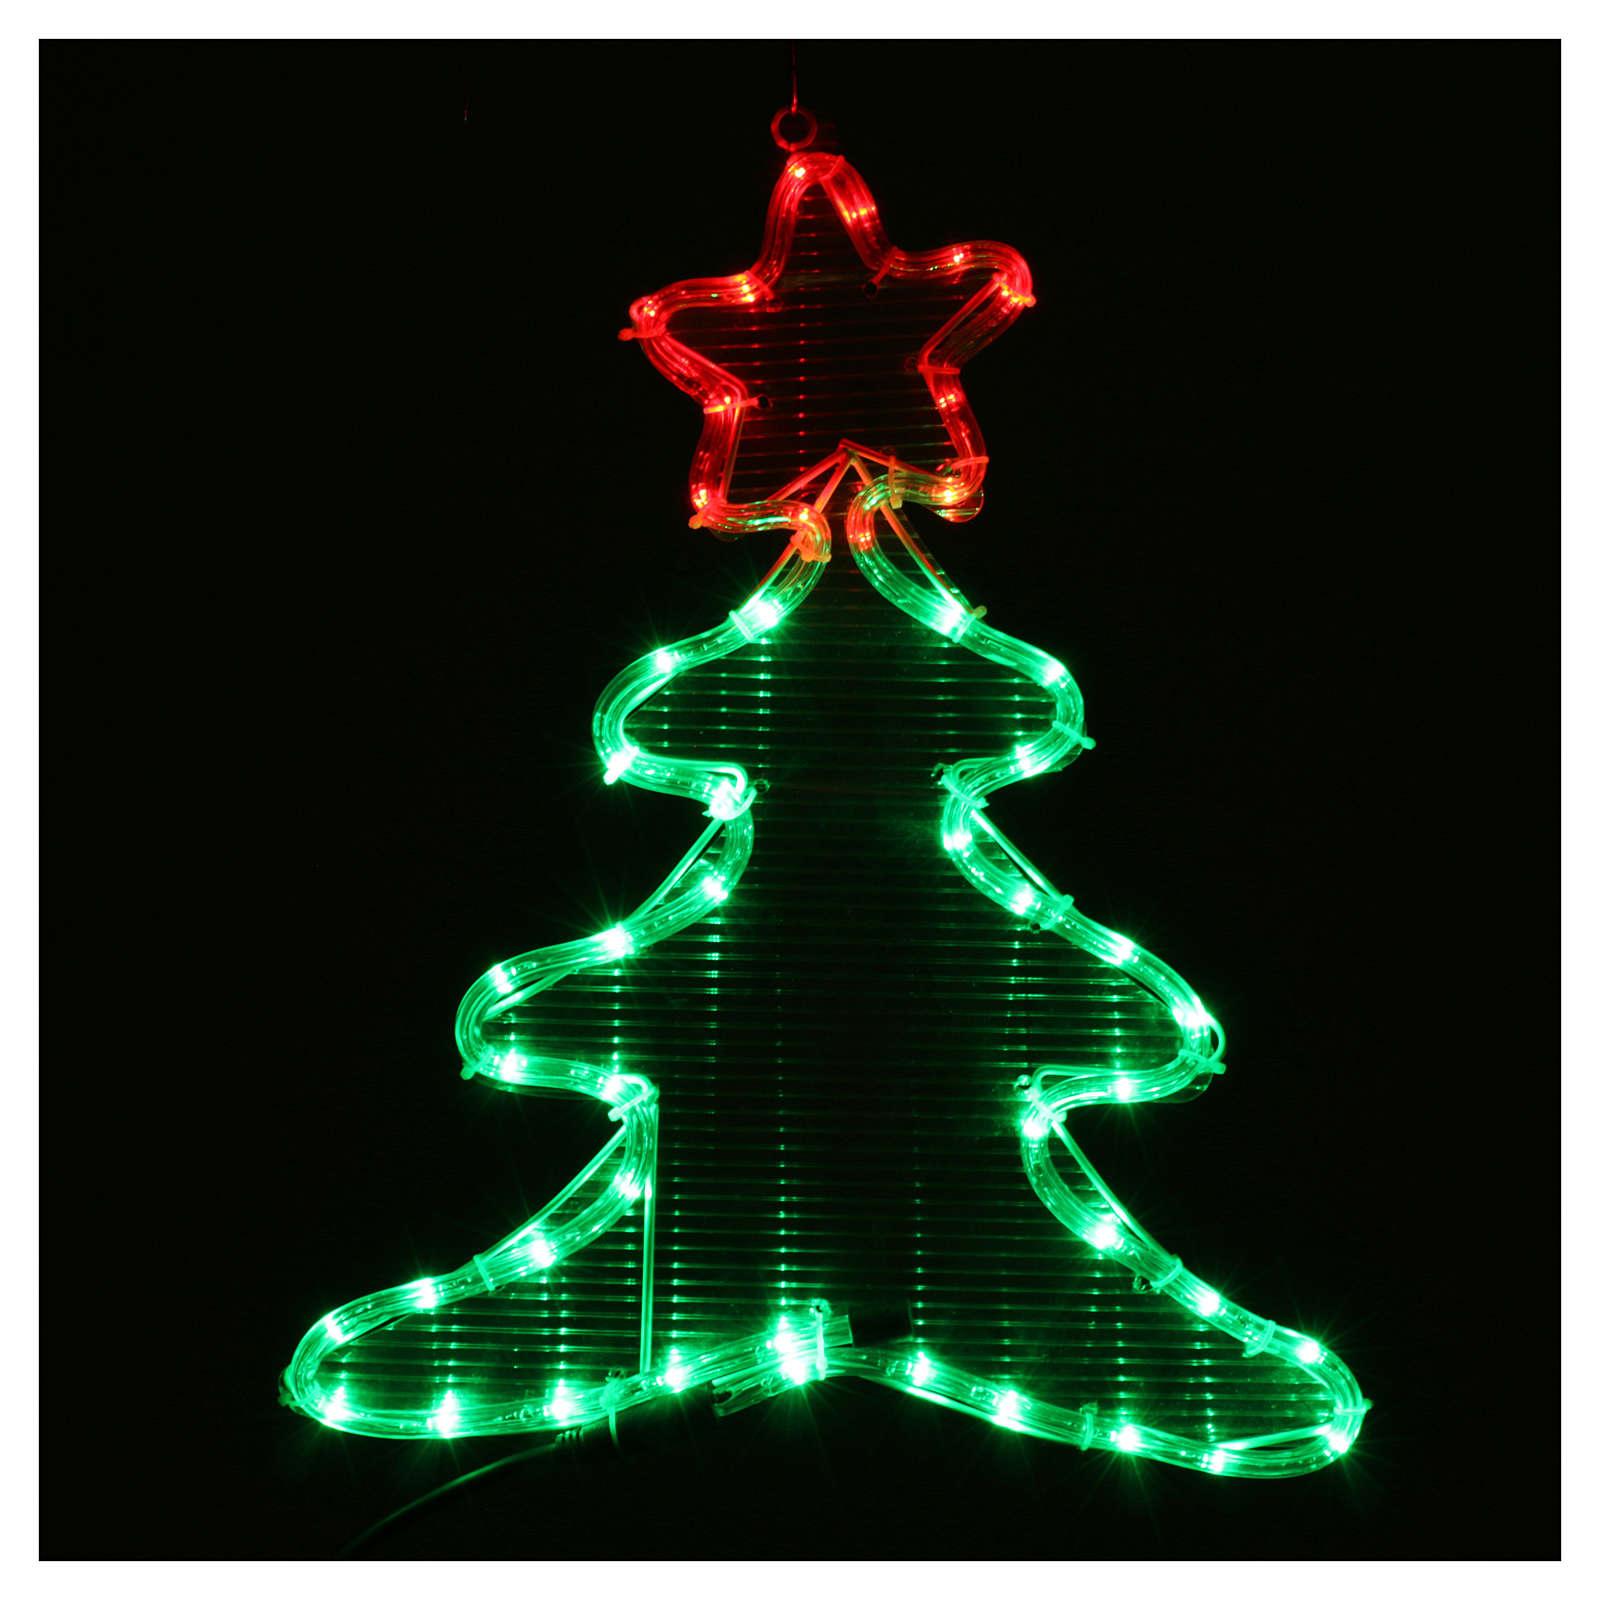 Luce di Natale albero 48 led per interno ed esterno 3